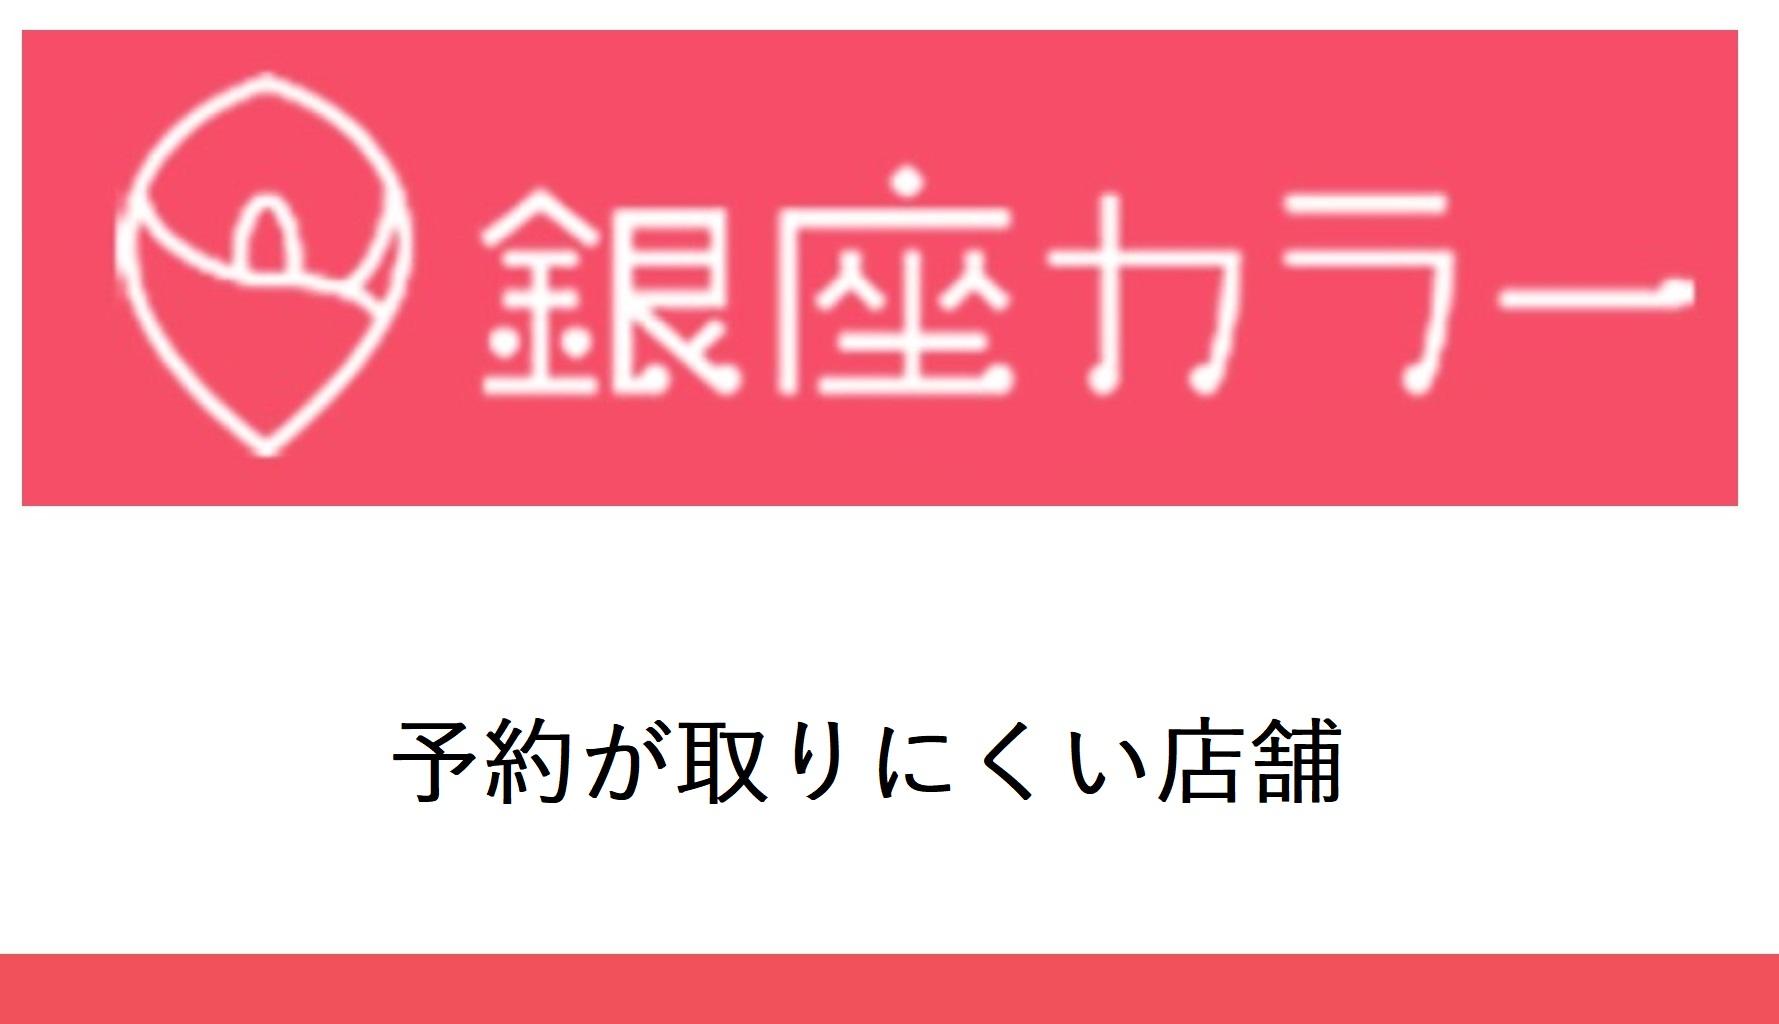 銀座カラー(予約が取りにくい)